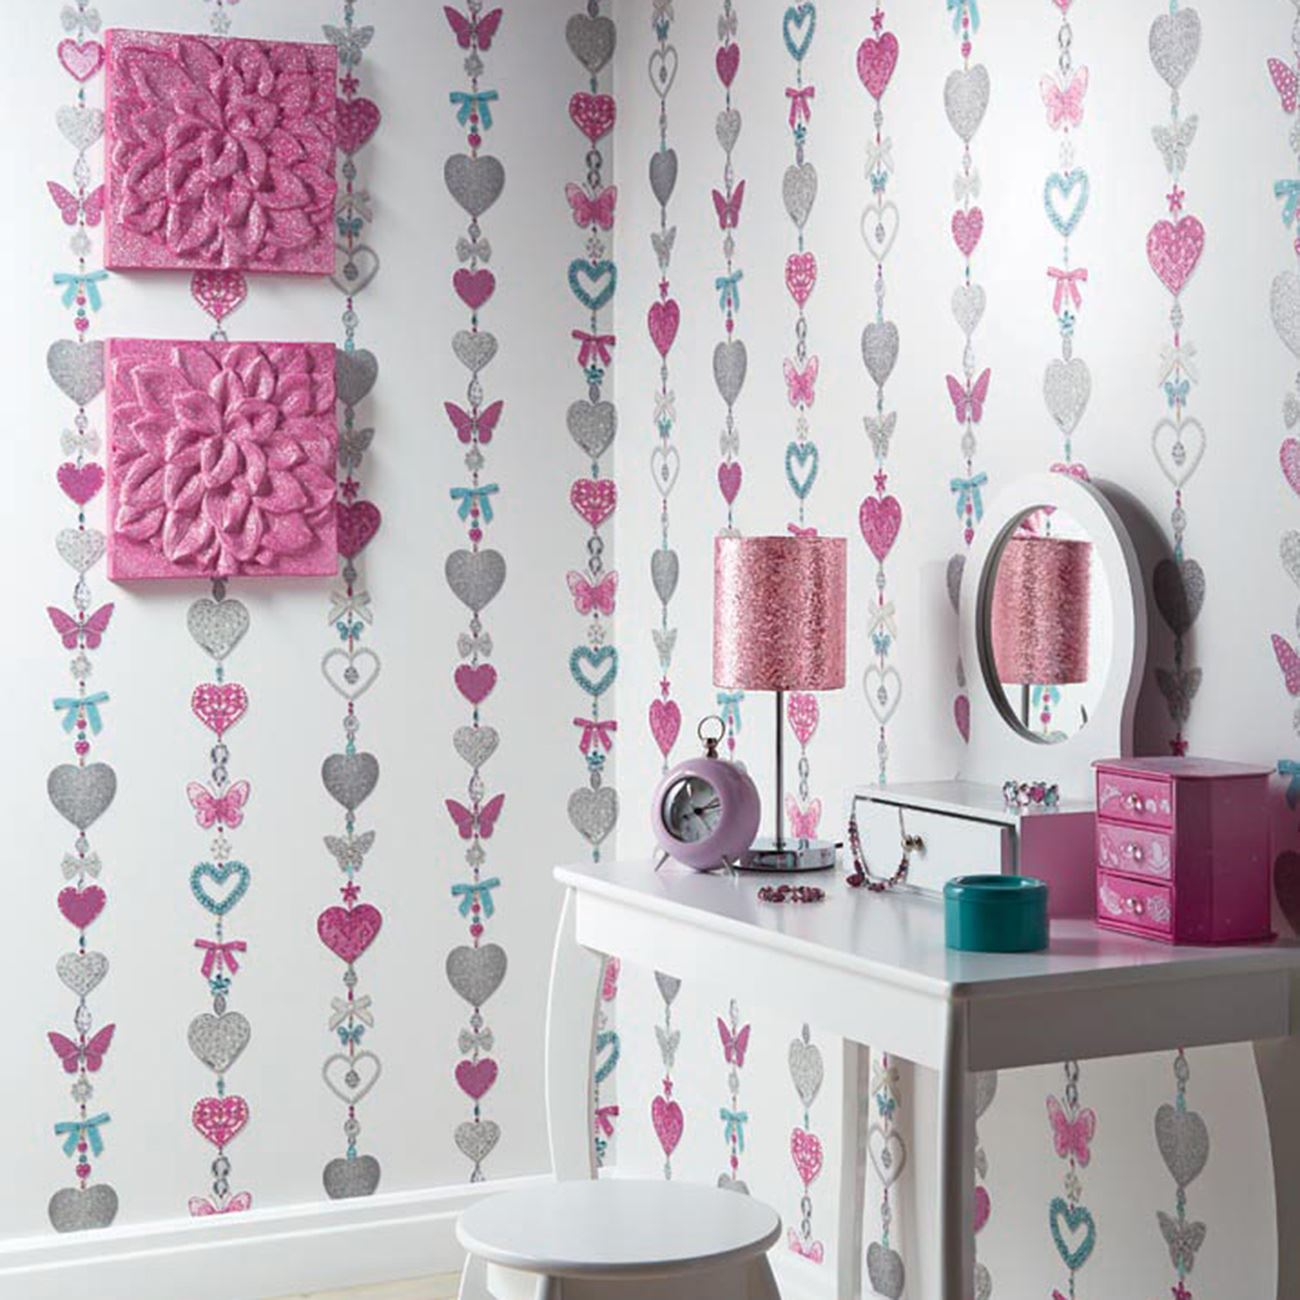 Glitter Wallpaper For Home Usa Wallpaper Home